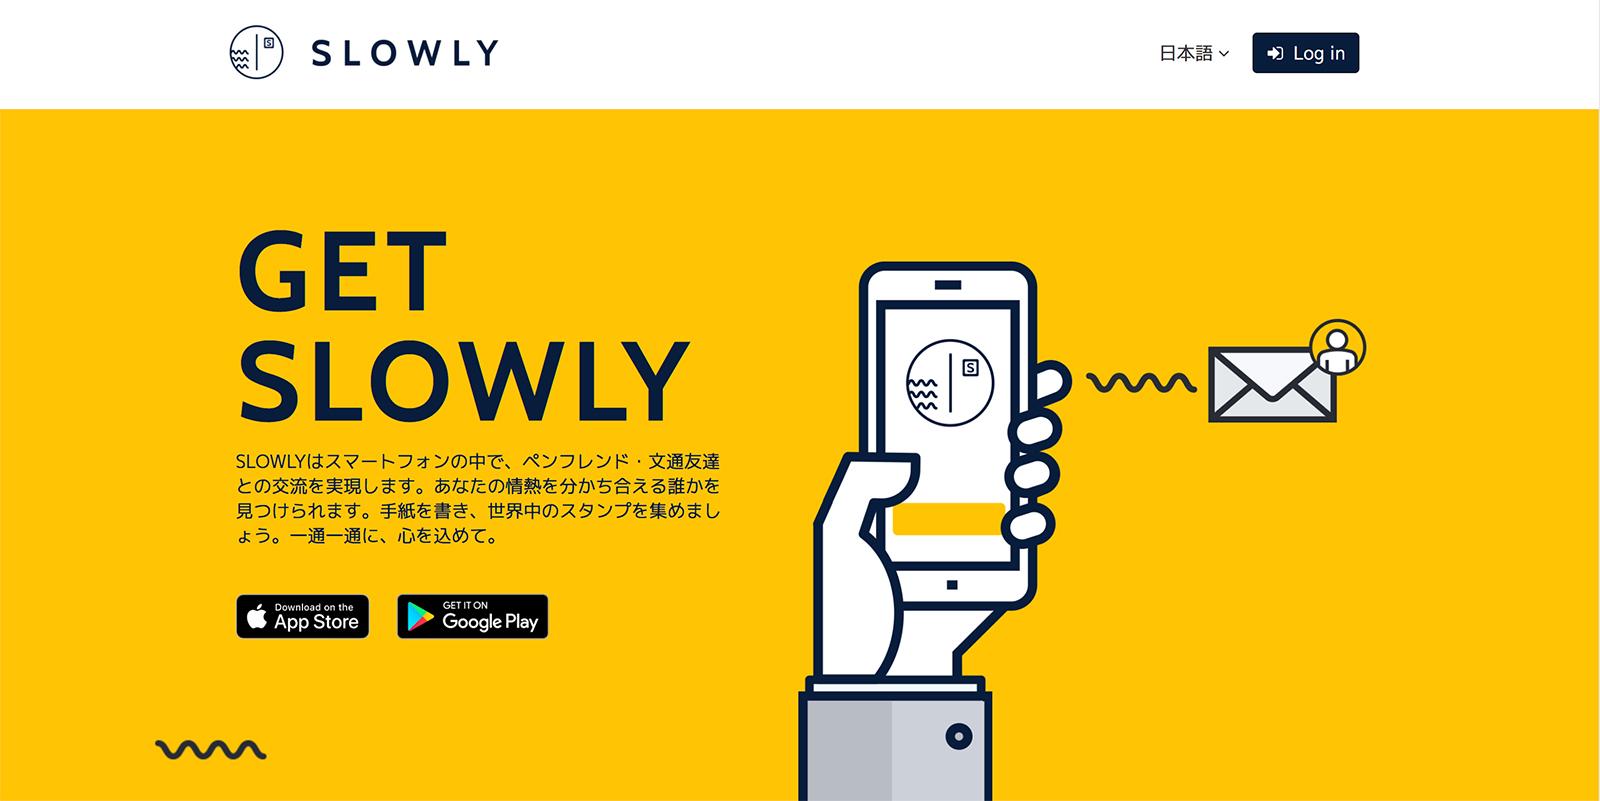 『SLOWLY』のTOPページ